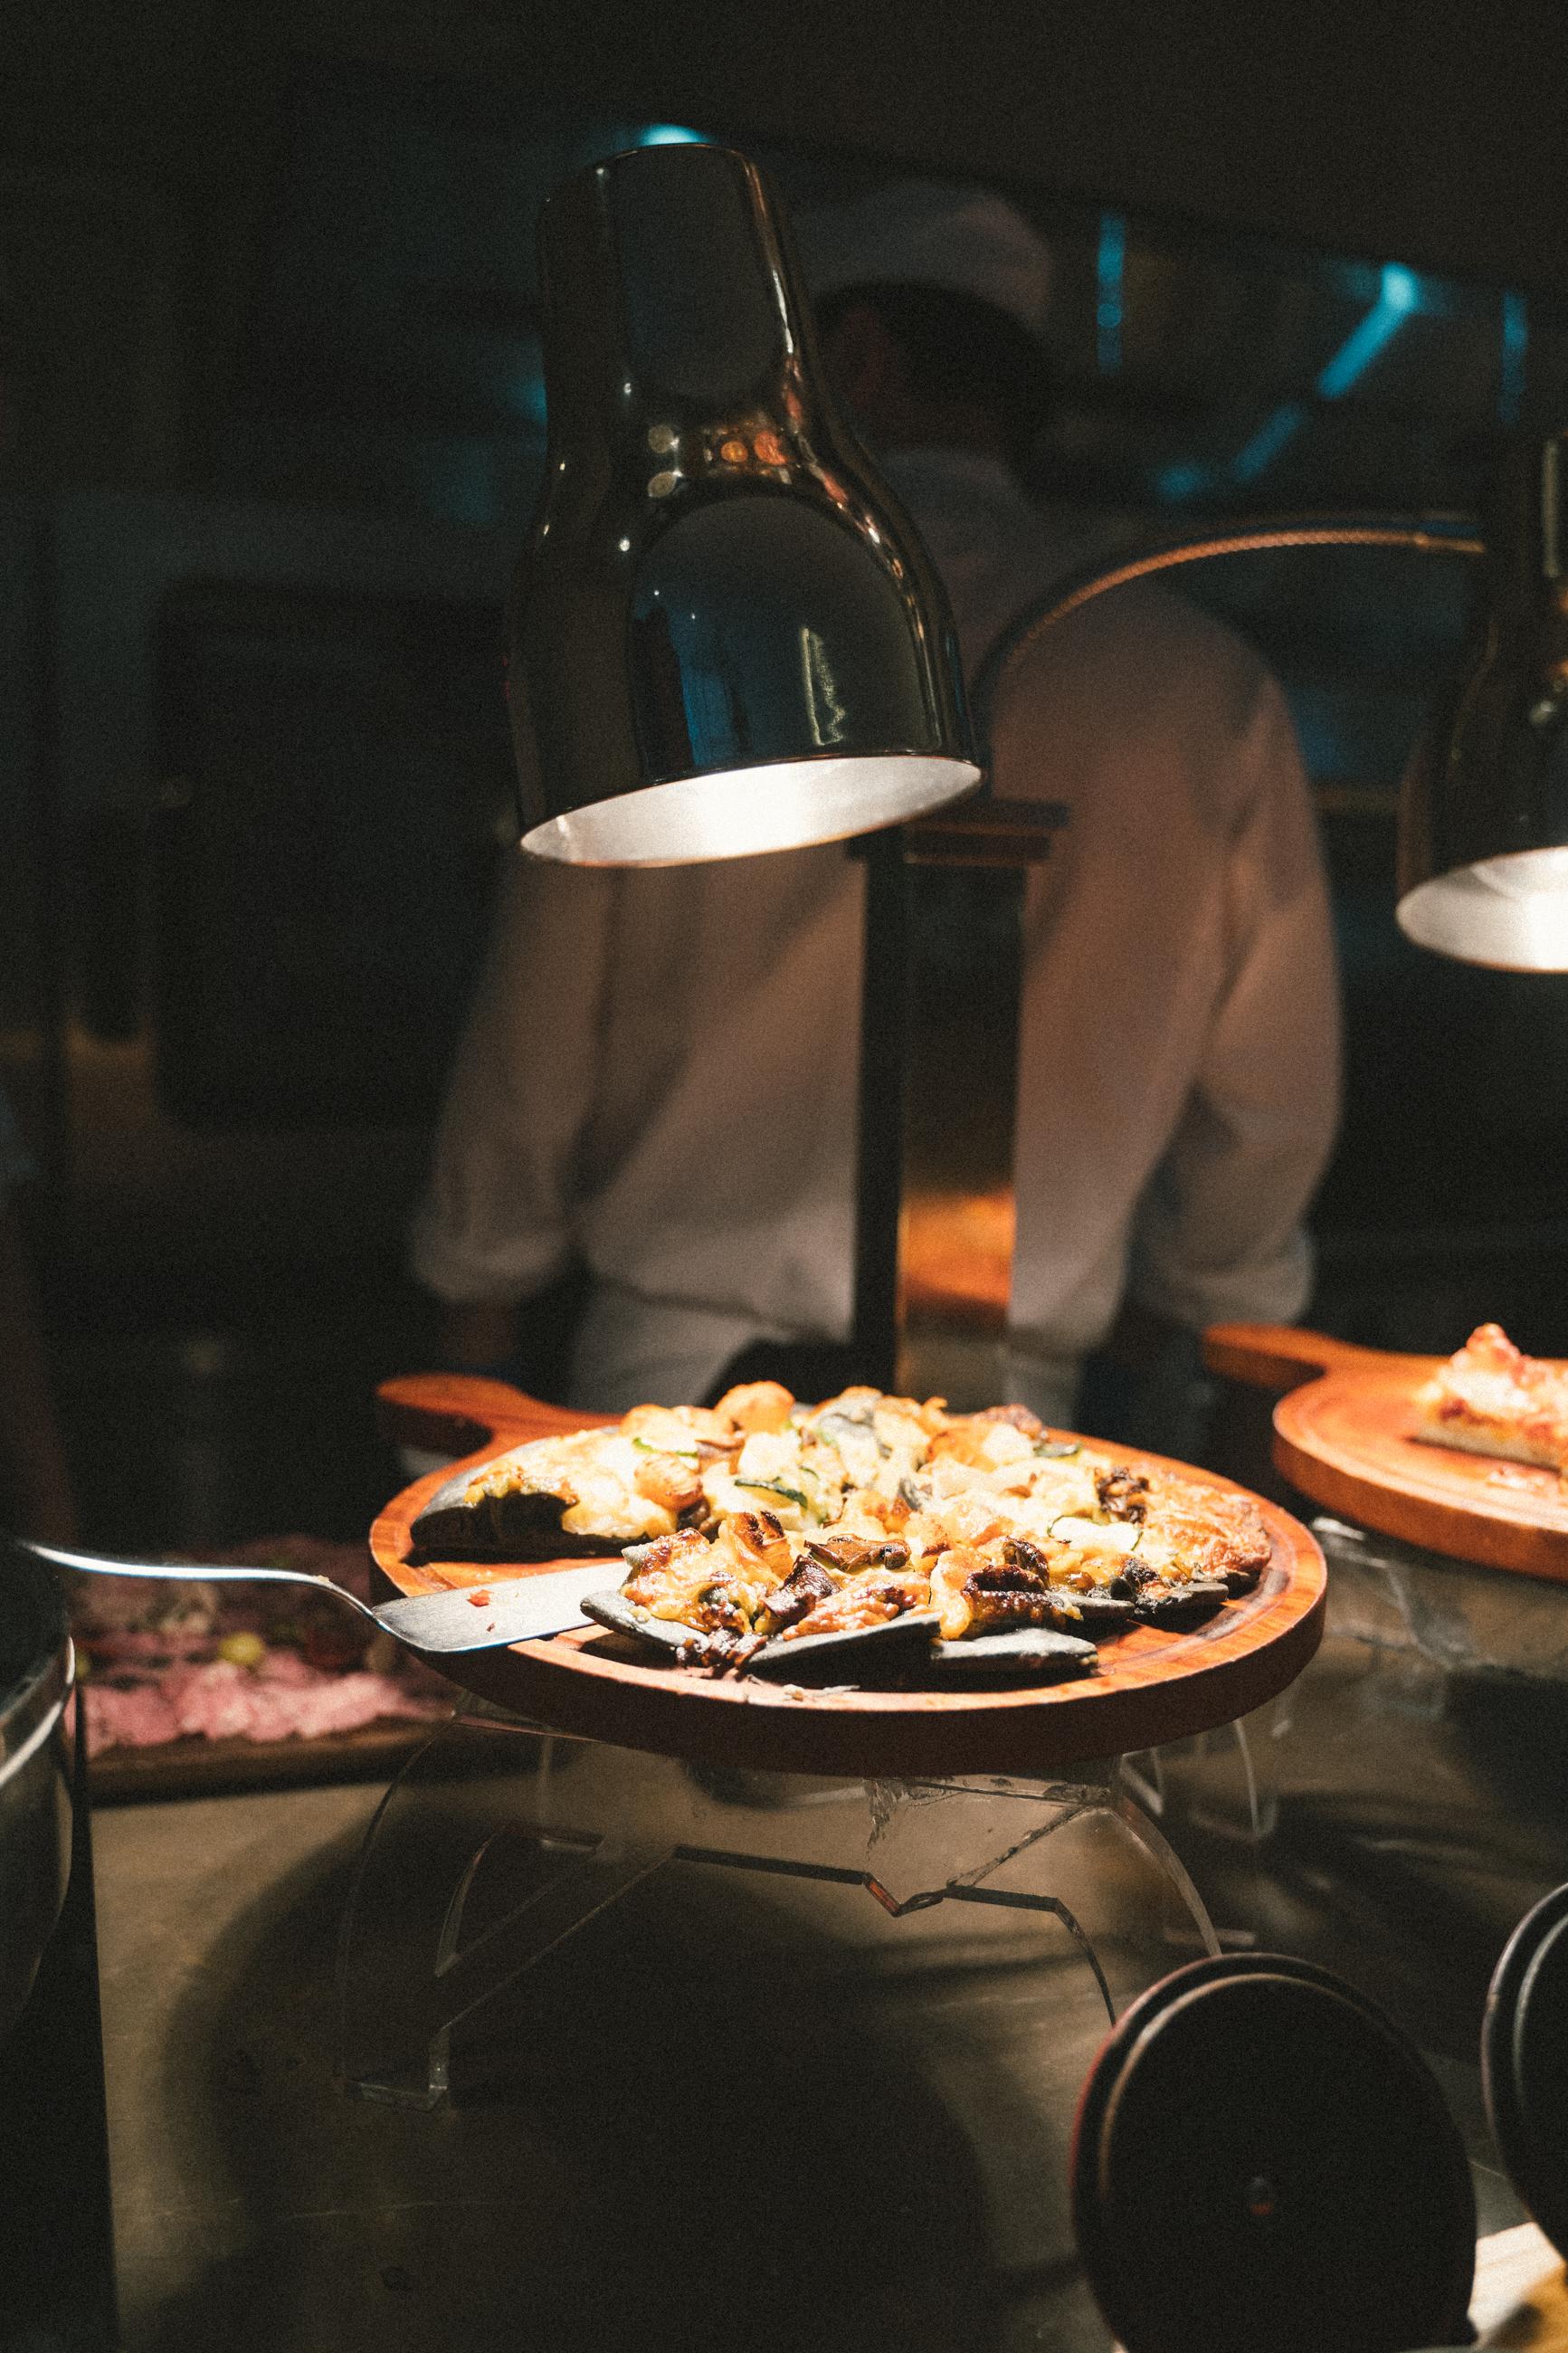 窯燒披薩 台北